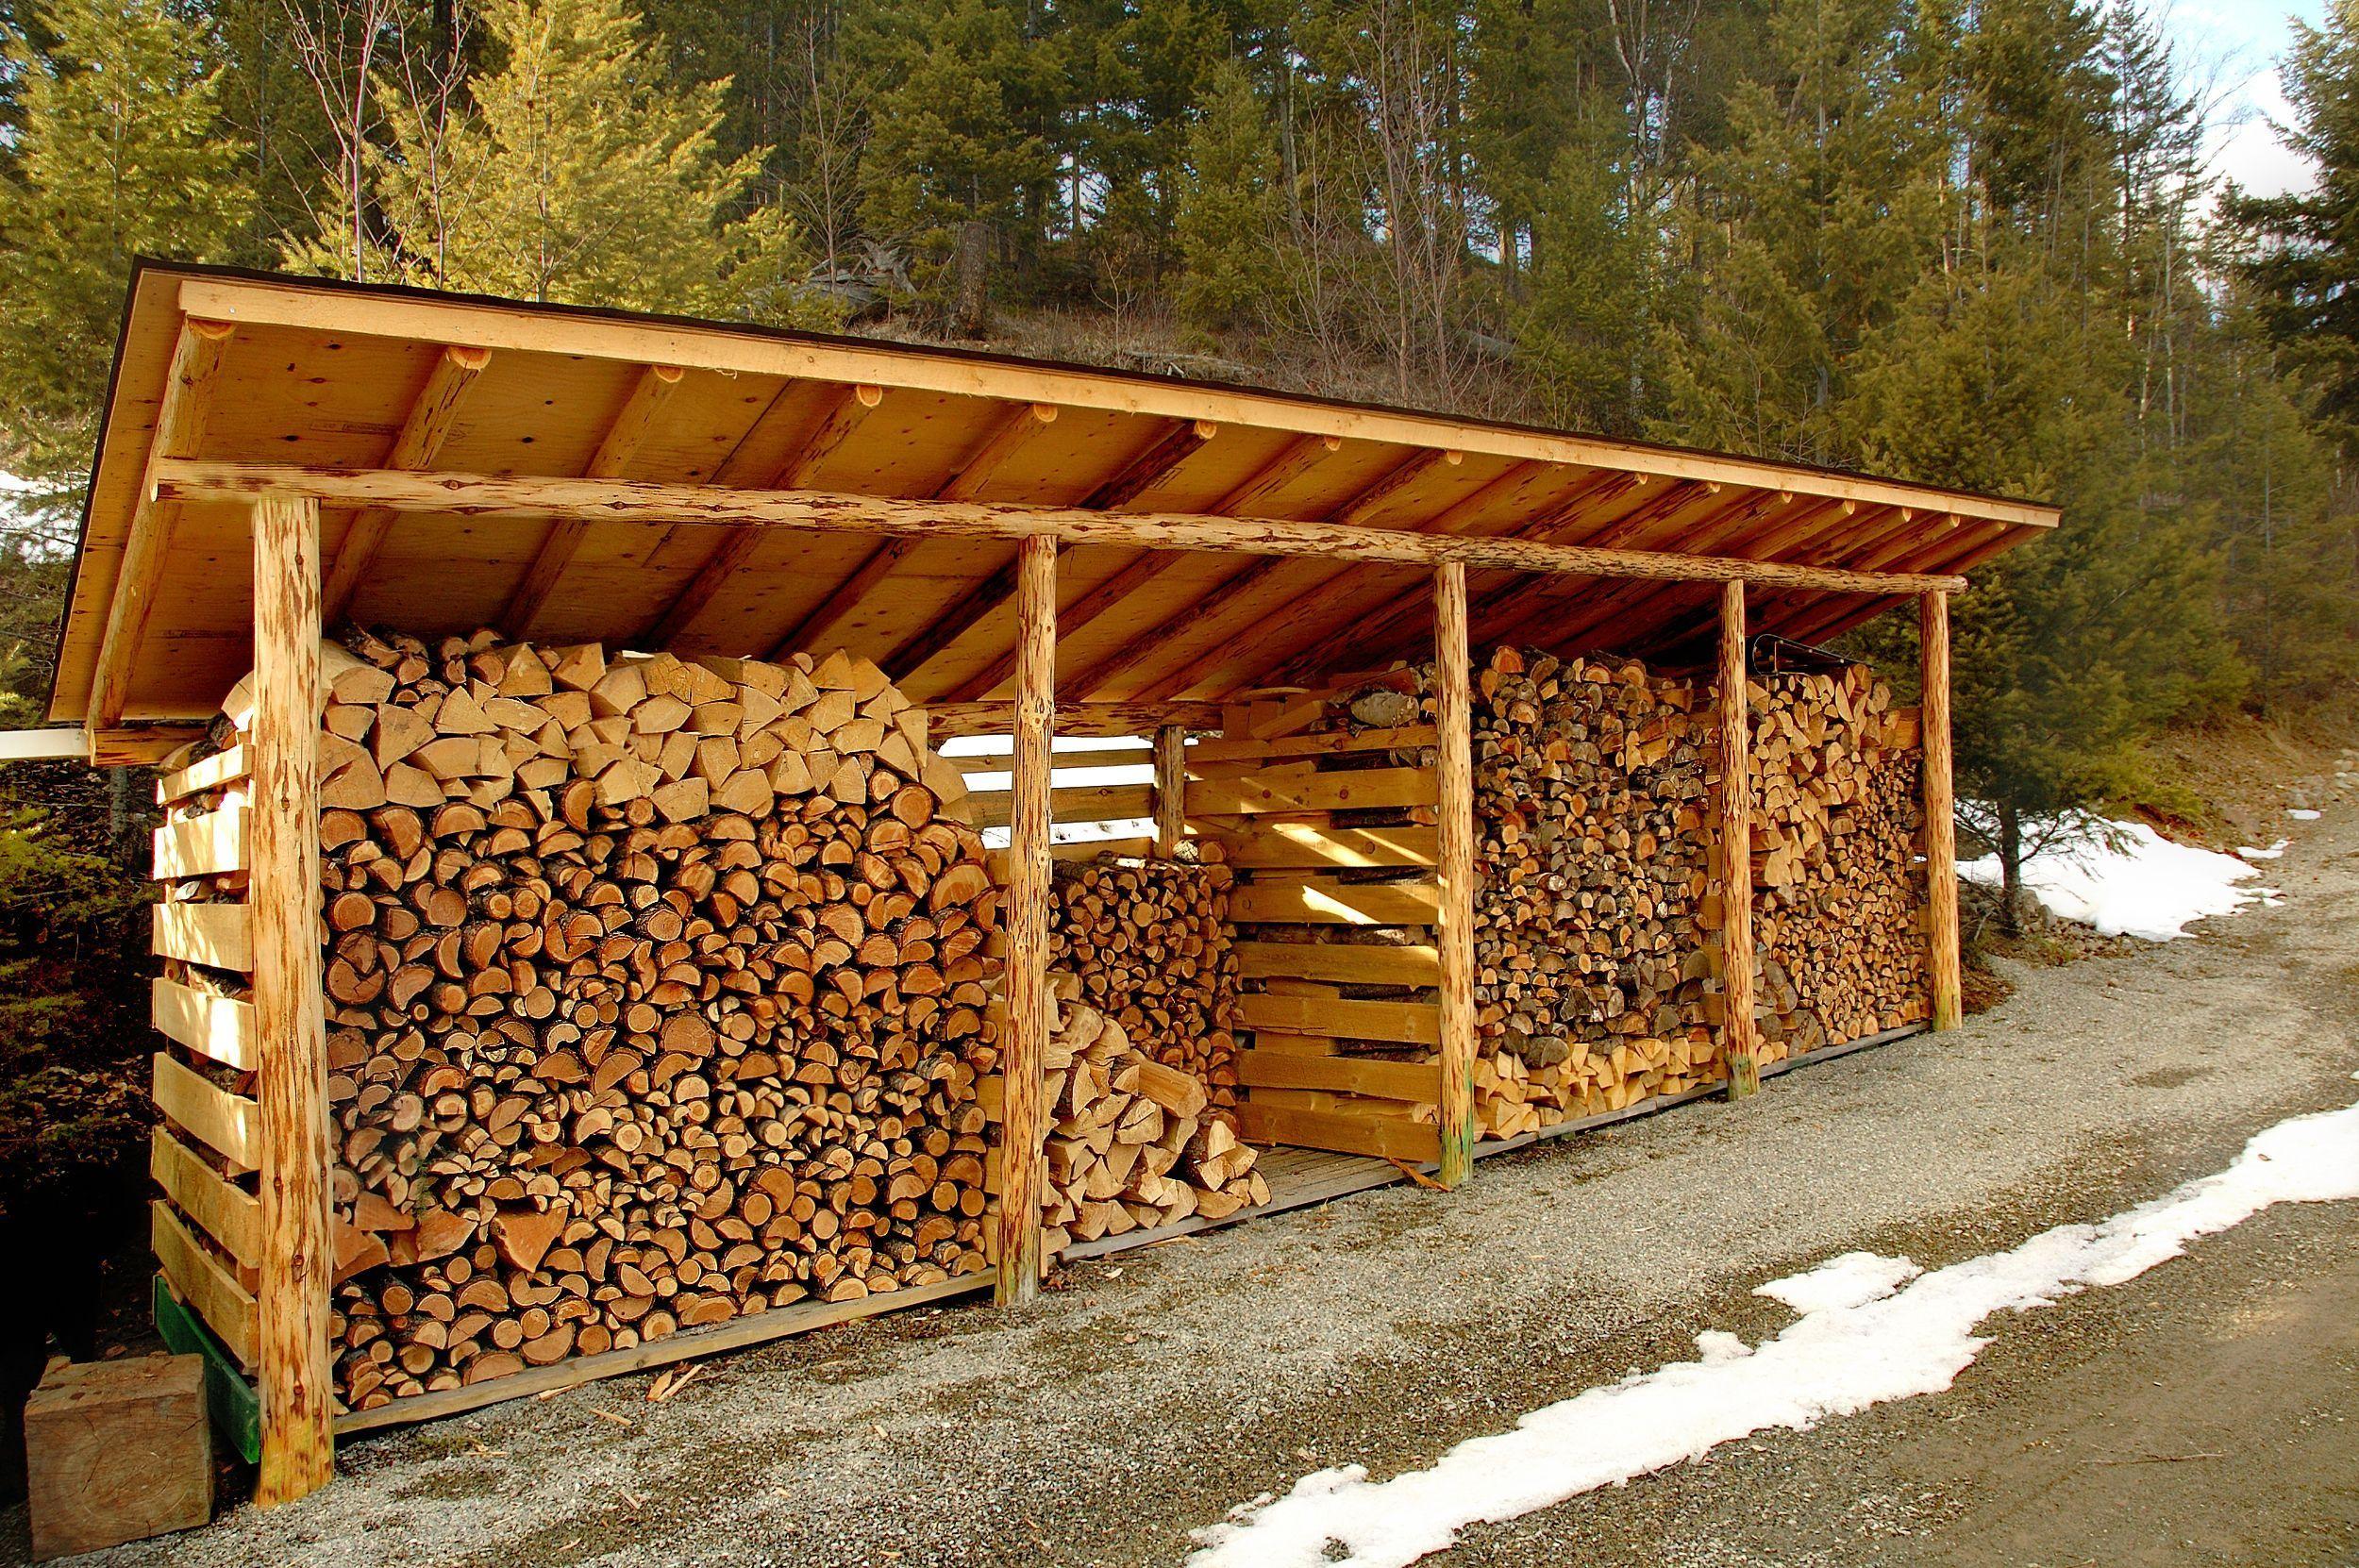 Abris A Bois | Stockage De Bois De Chauffage, Stockage De Bois destiné Abris A Bois